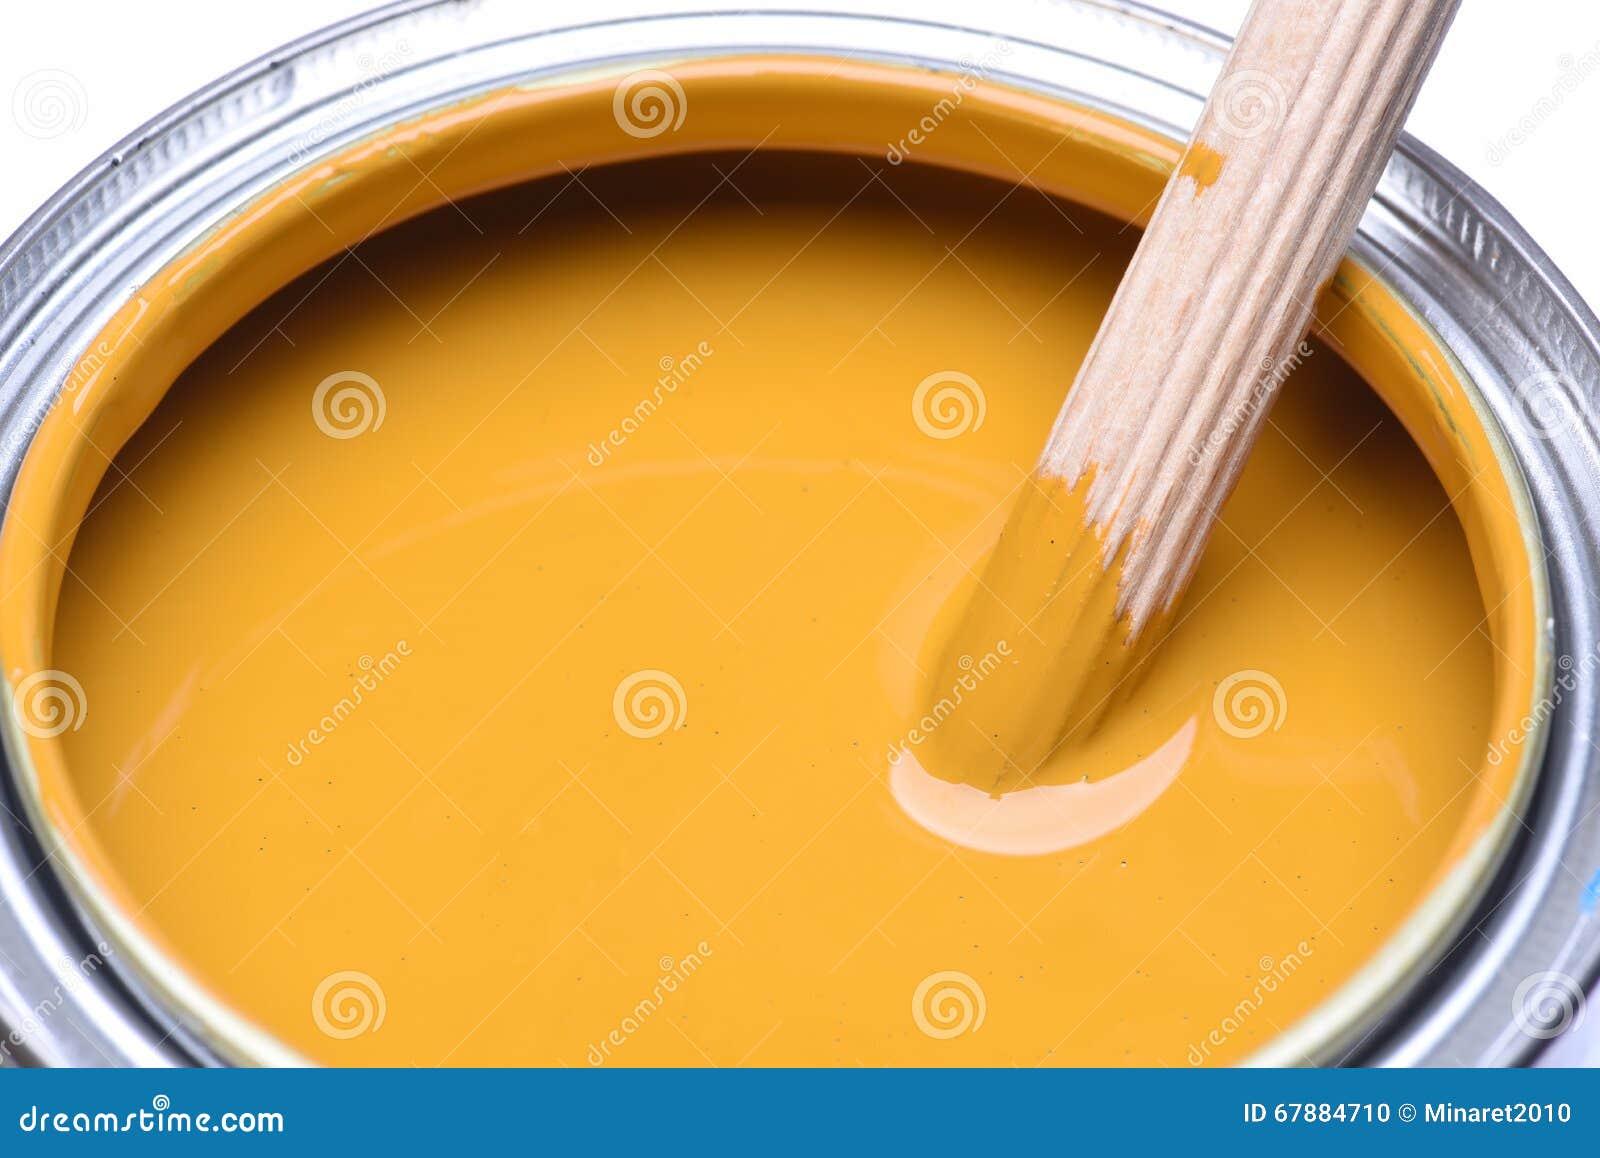 黄色油漆罐头